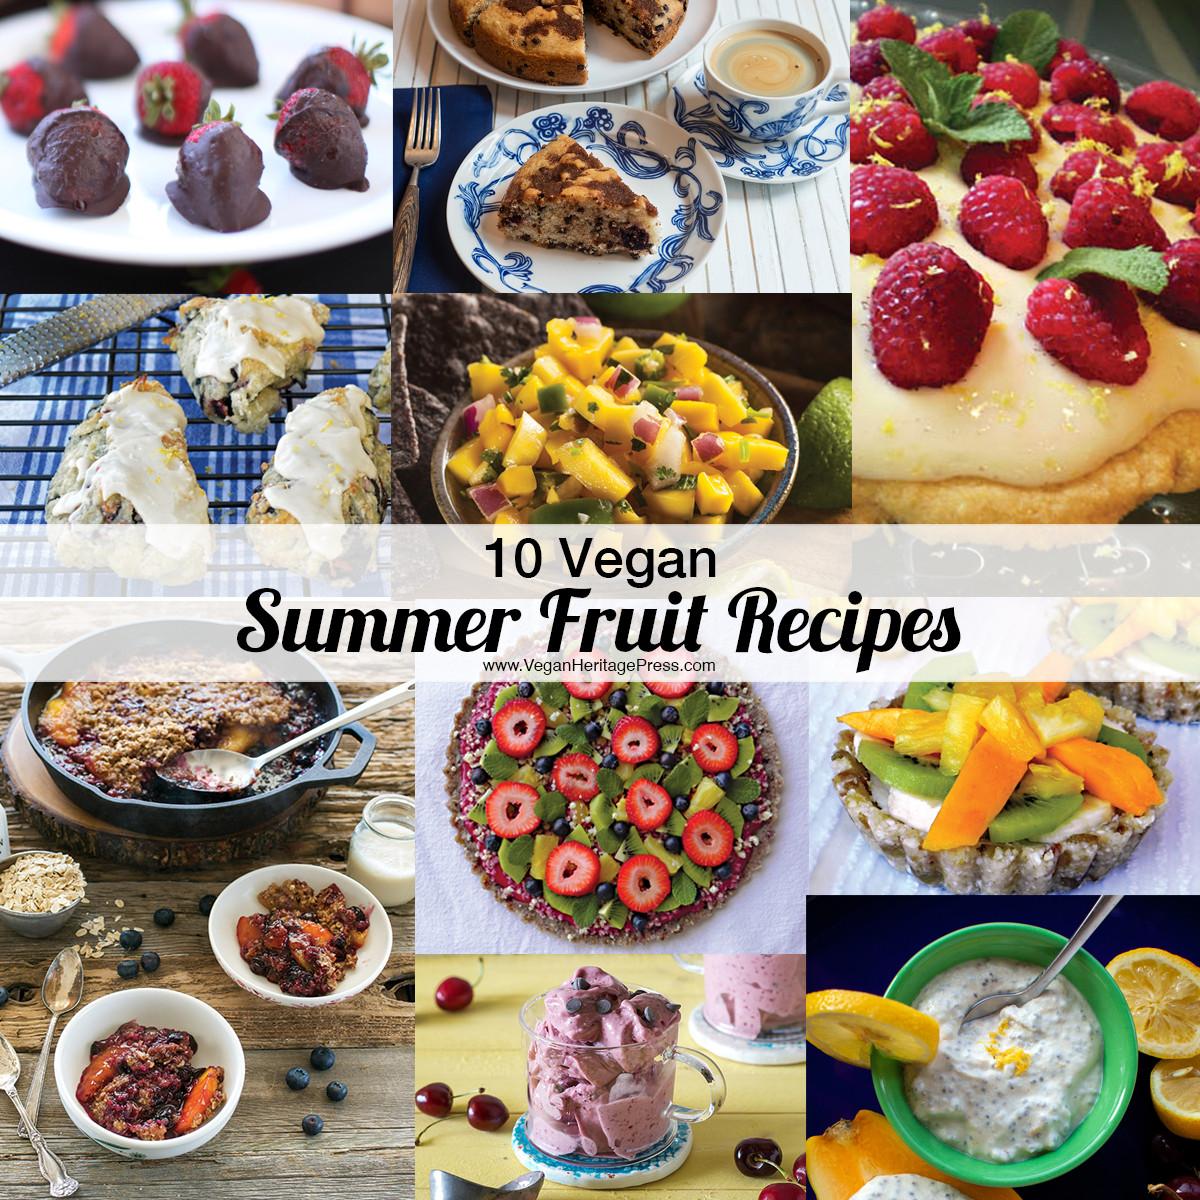 Summer Vegan Recipes  10 Vegan Summer Fruit Recipes